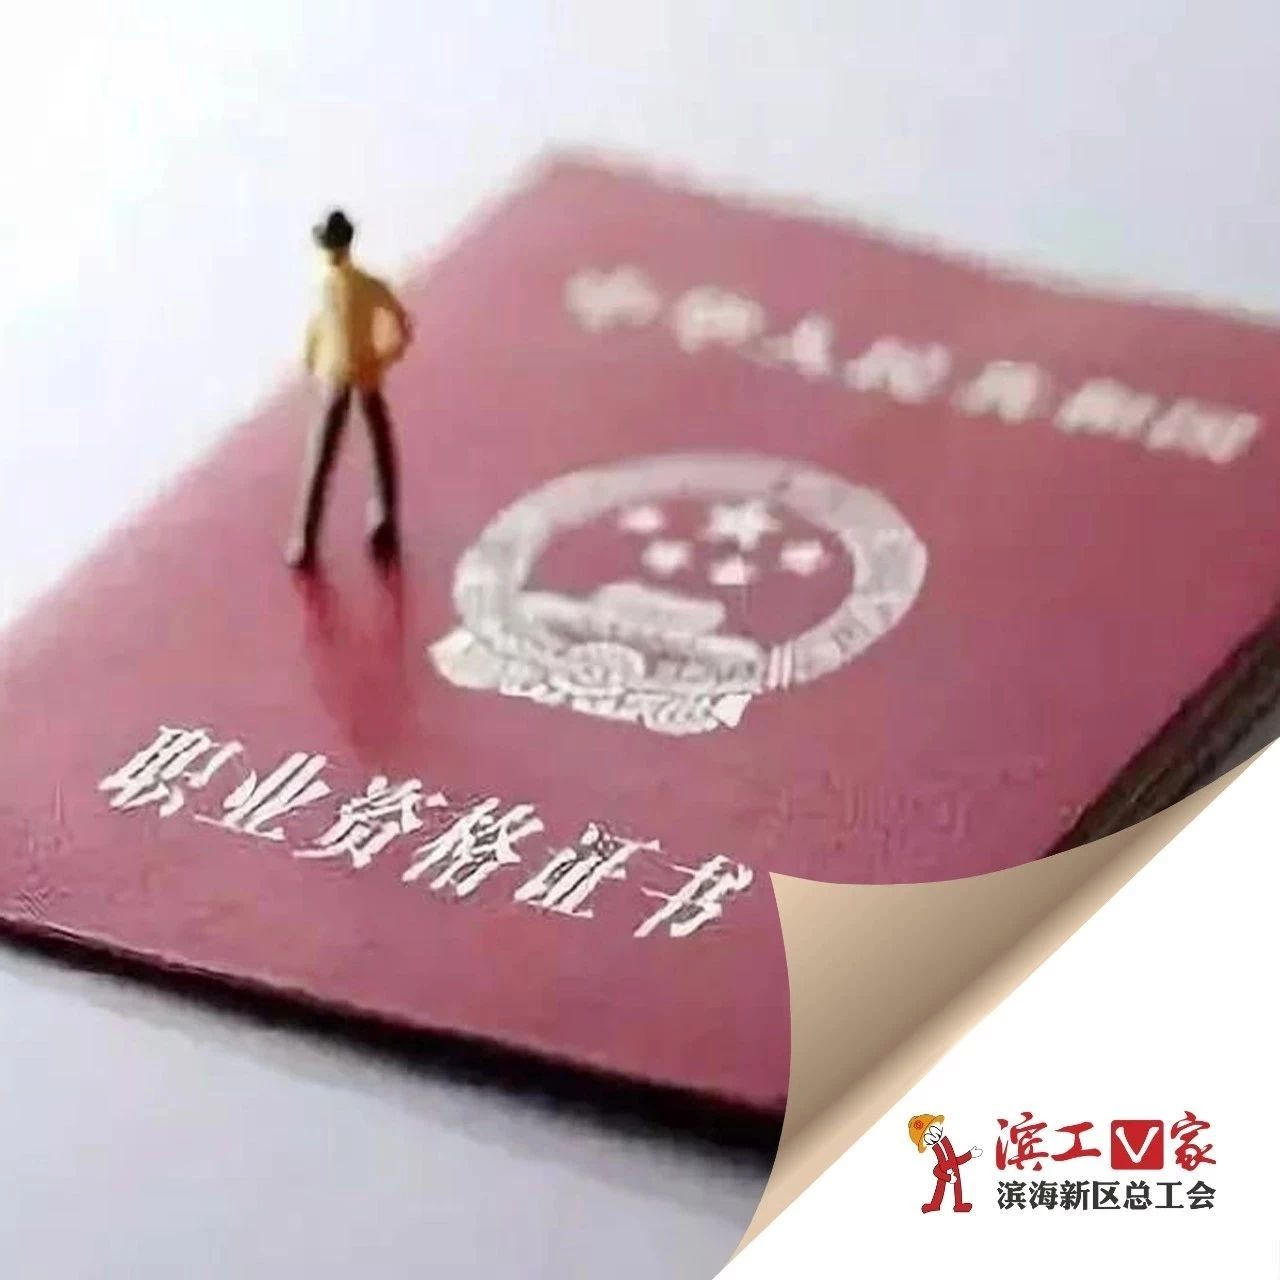 职称证书不再发放纸质版,天津评职称又变化了?